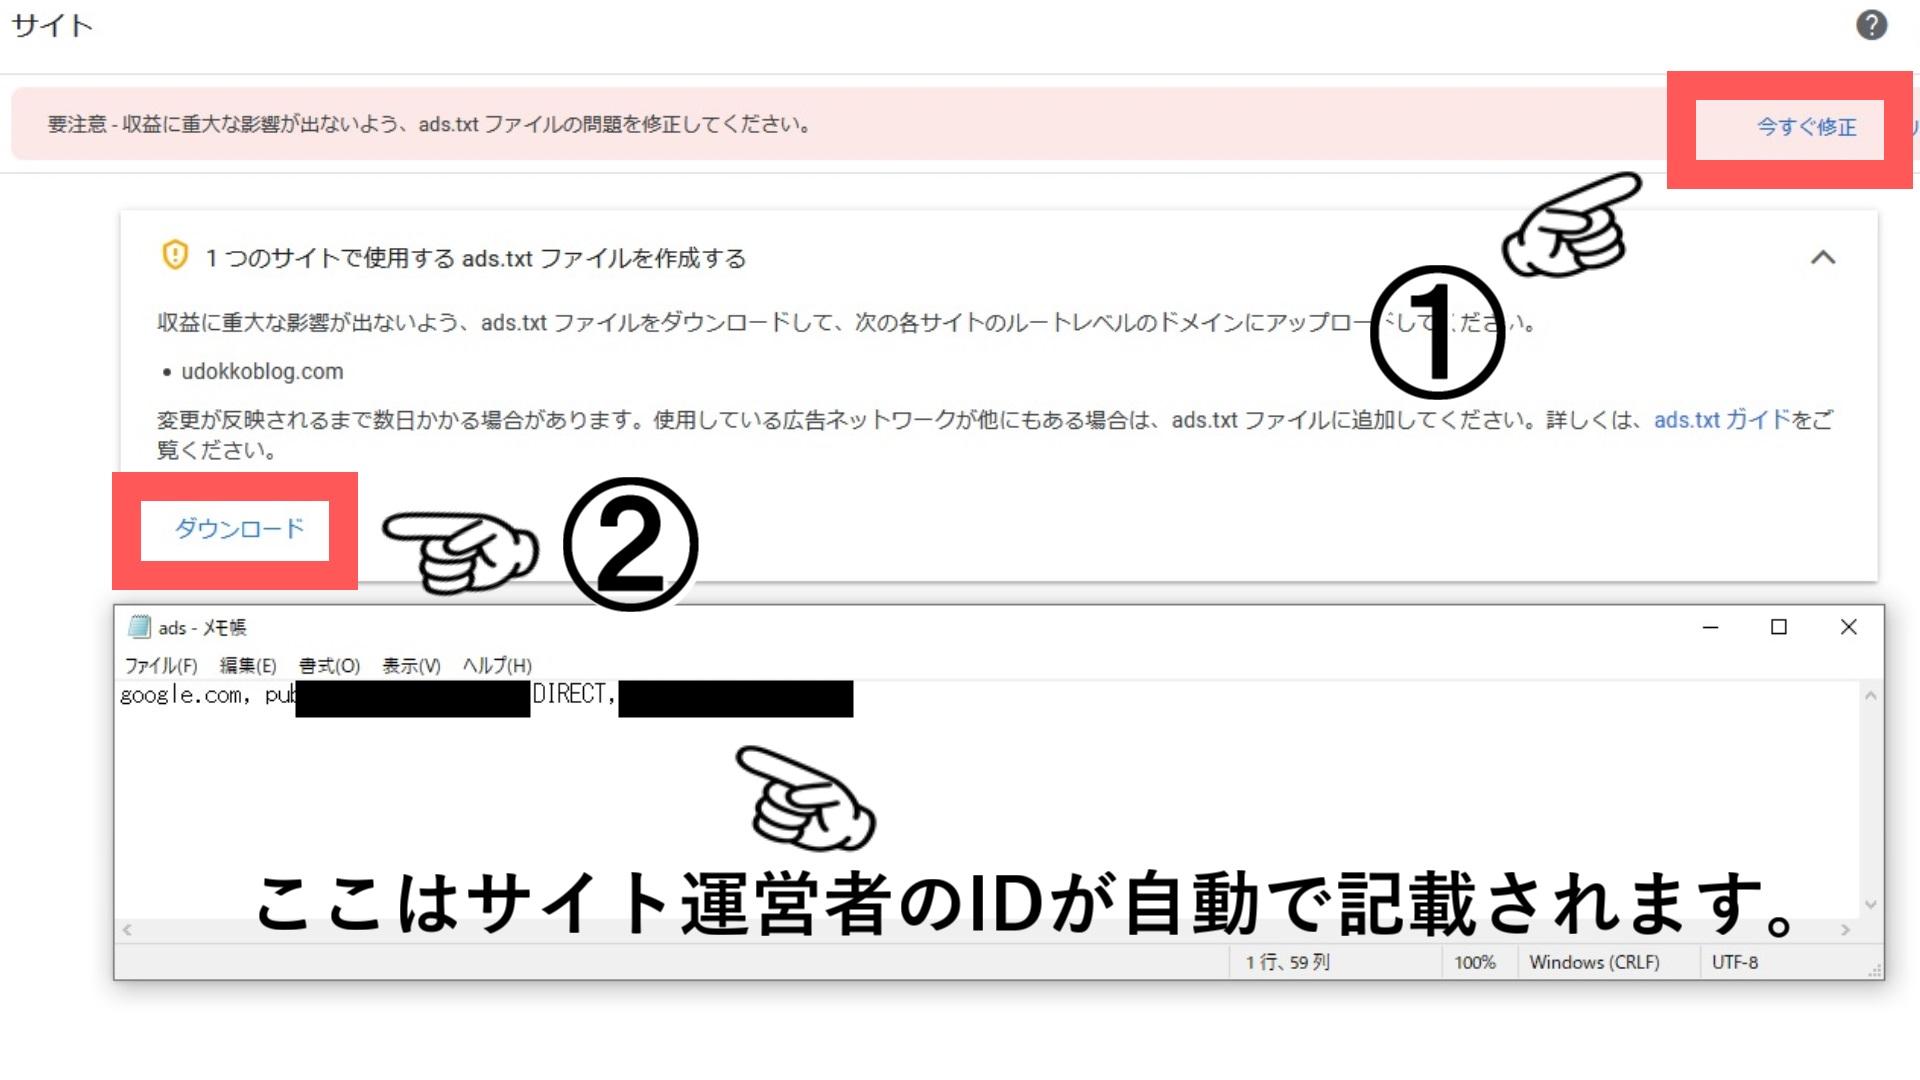 グーグルアドセンスのads.txtの問題を修正する方法